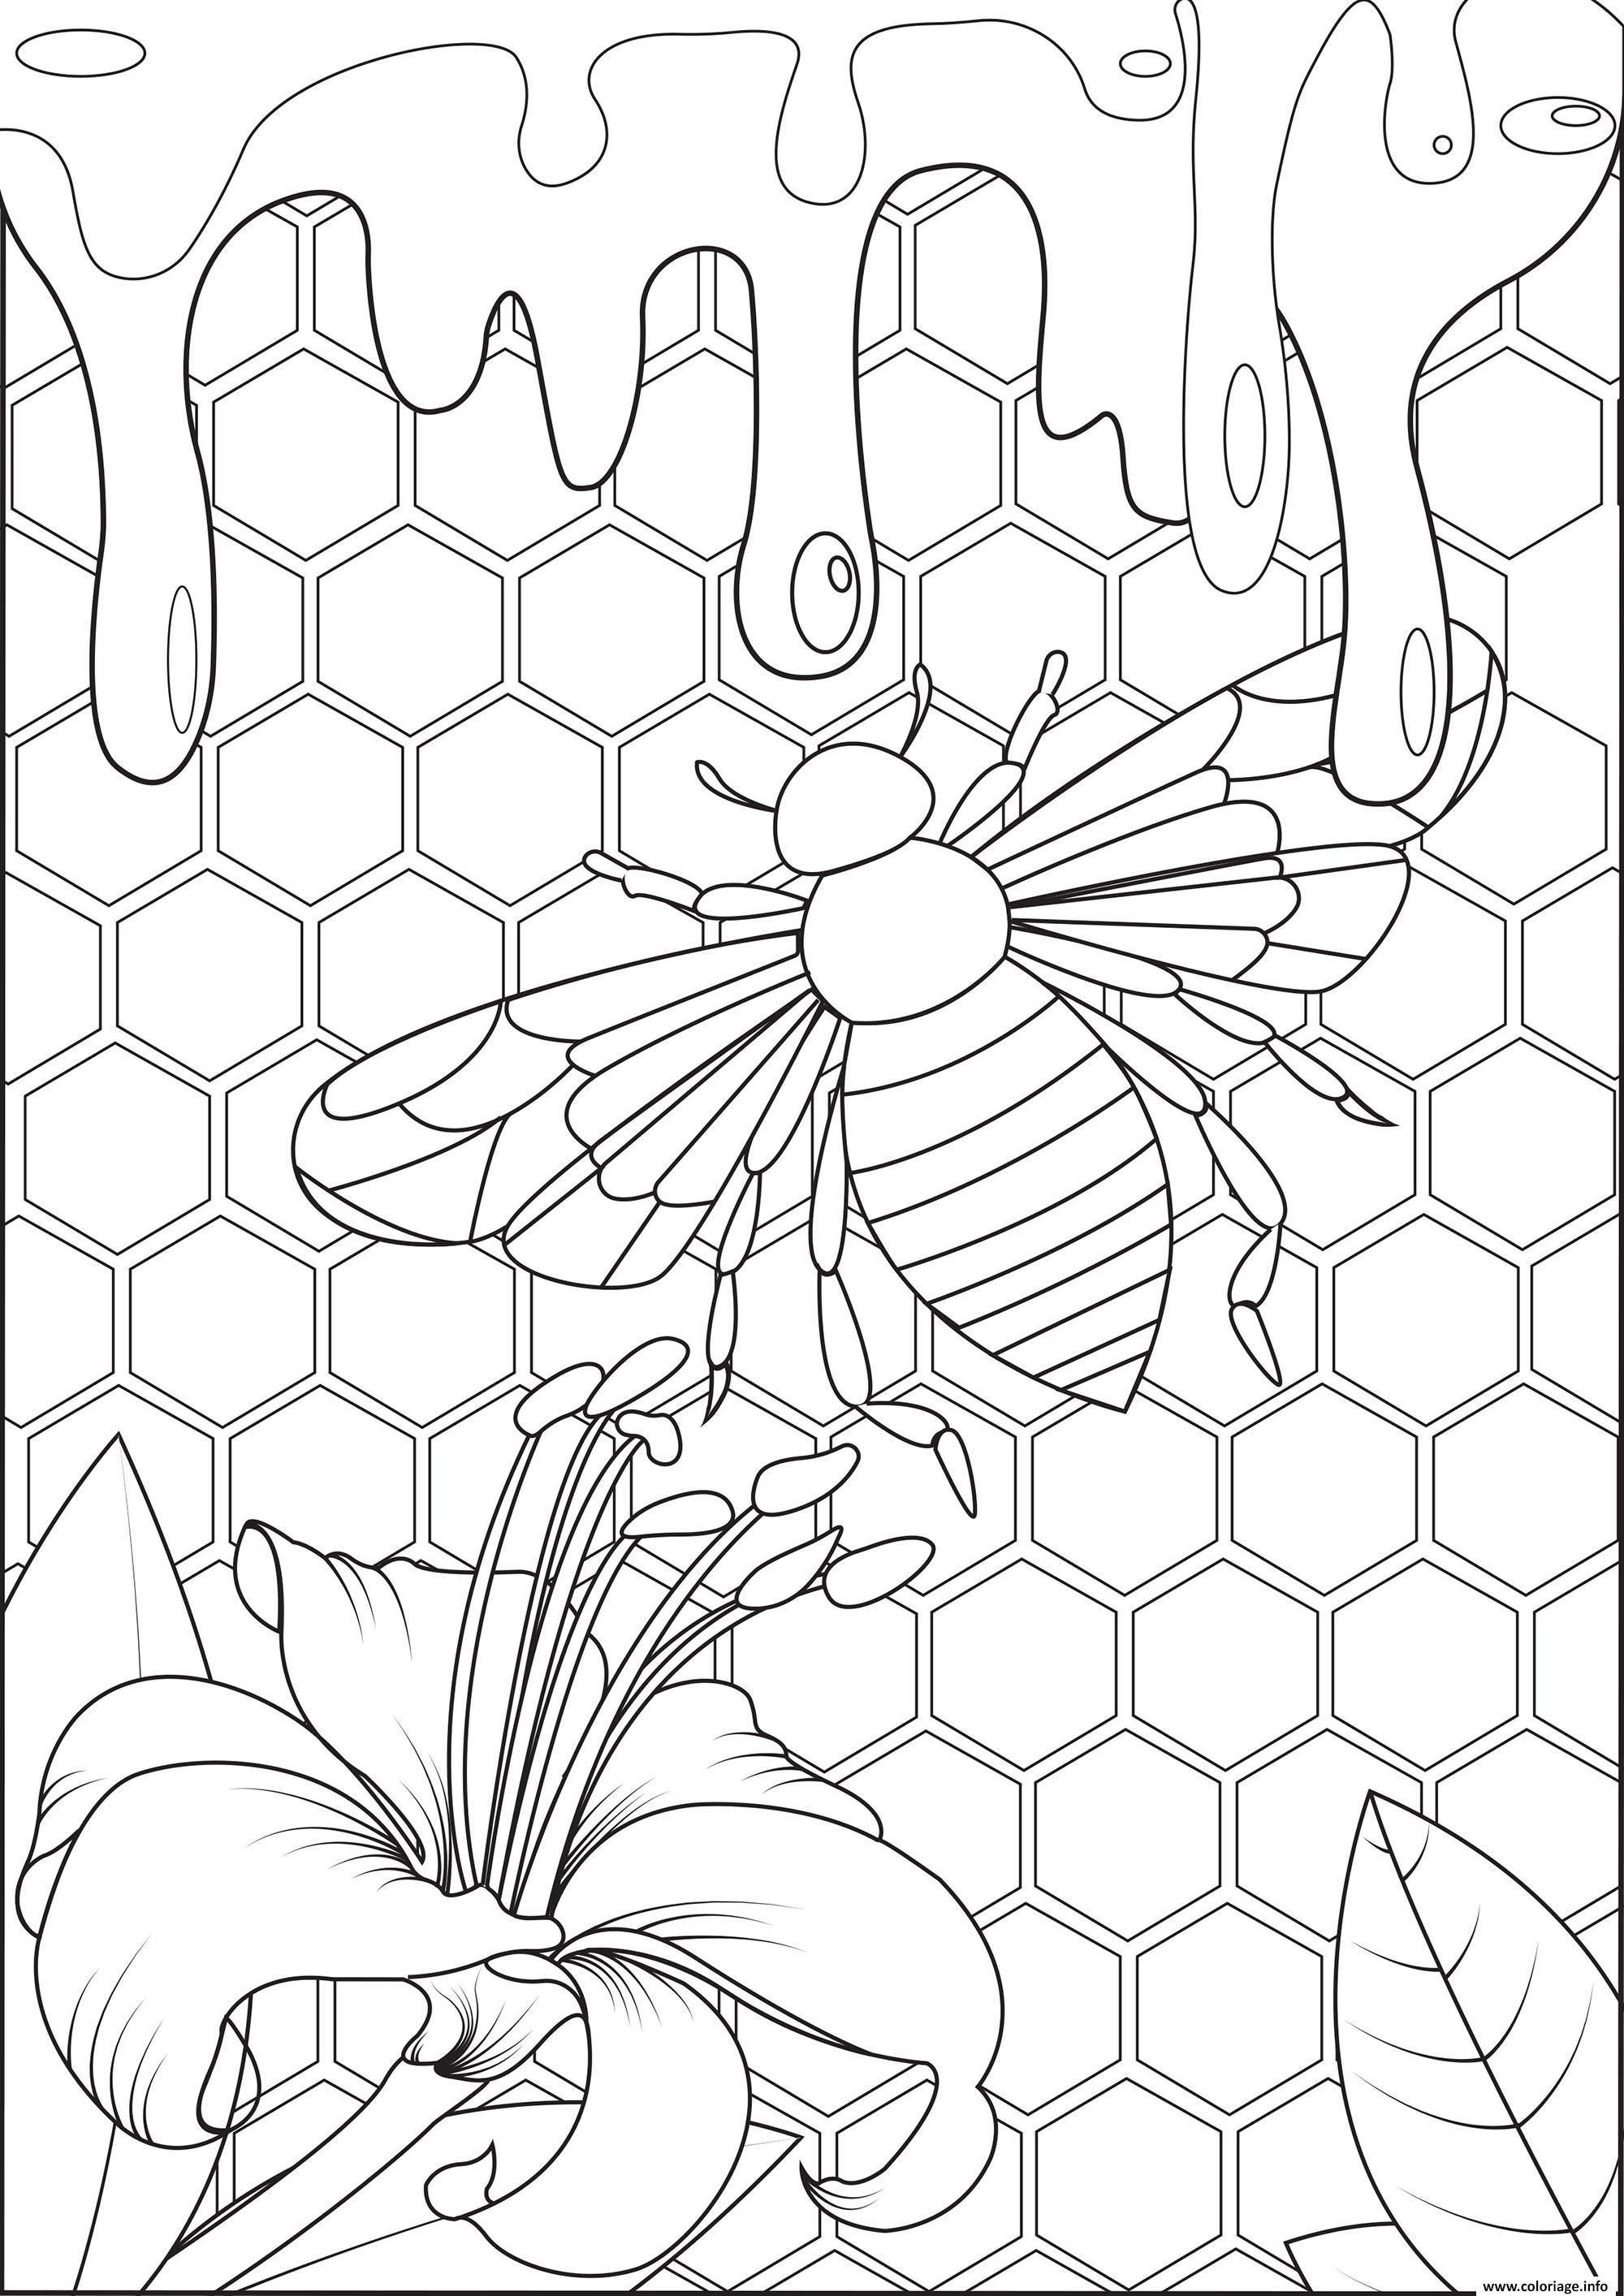 Dessin abeille production de miel habitat Coloriage Gratuit à Imprimer